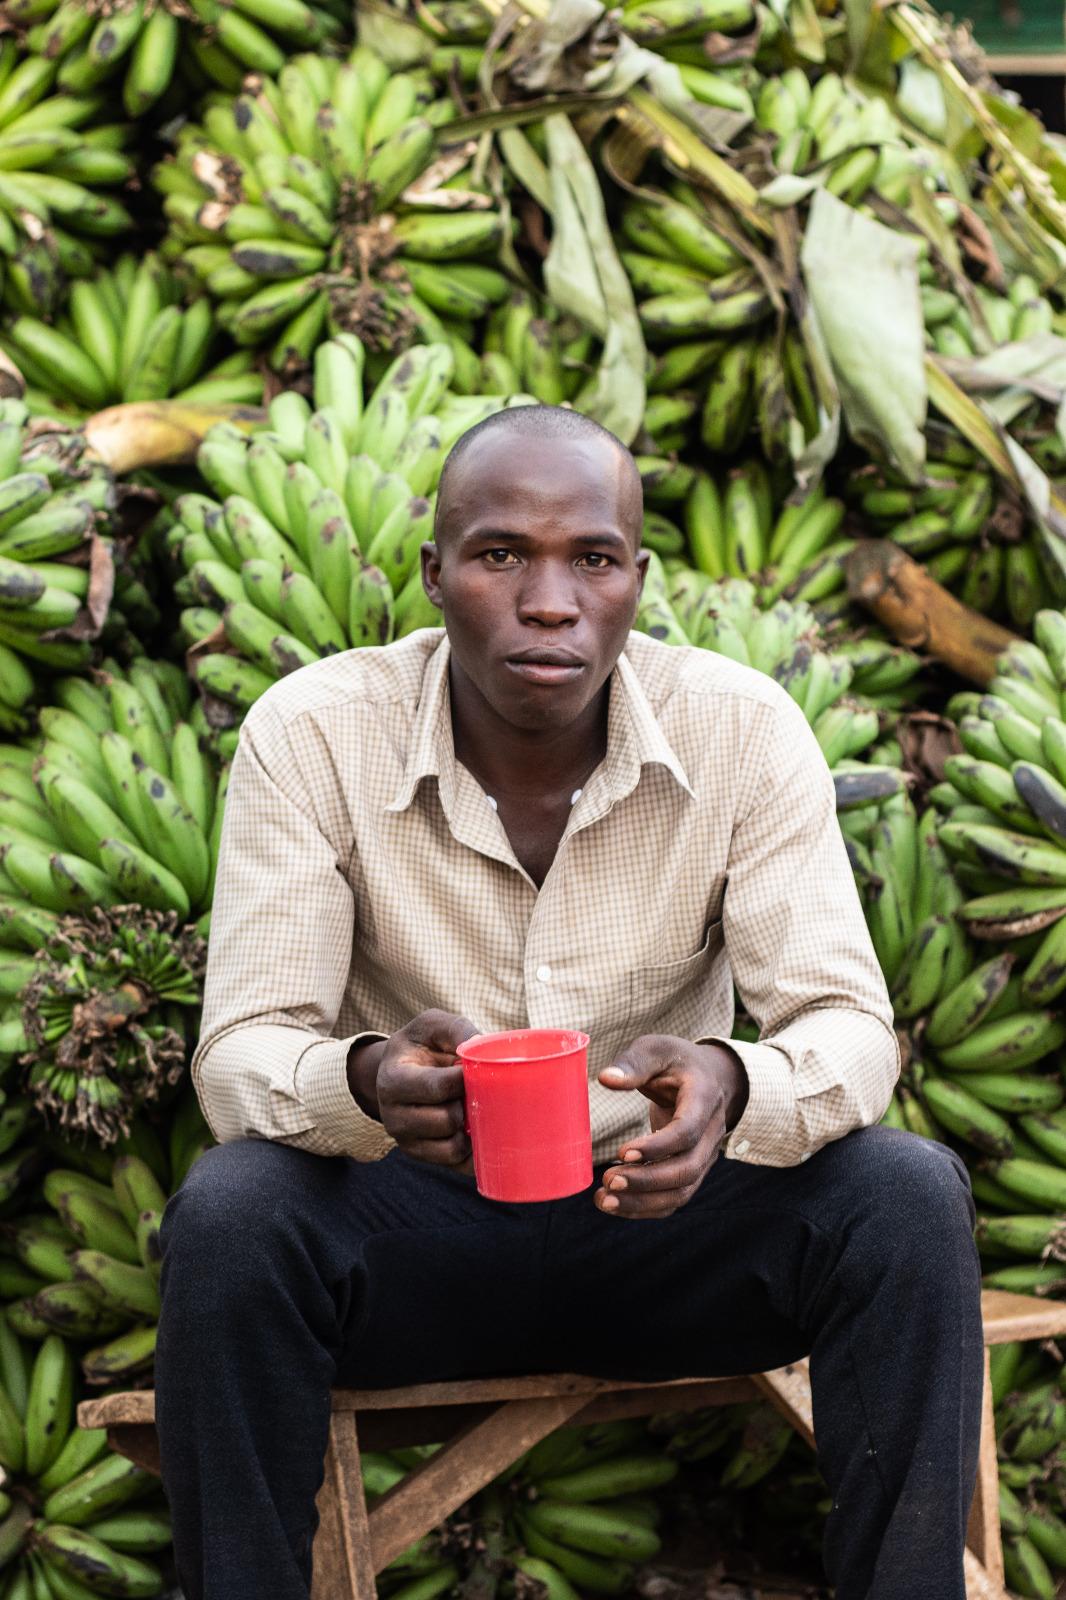 Vendedor de matoke (plátano verde) del mercado central de la ciudad de Iganga.